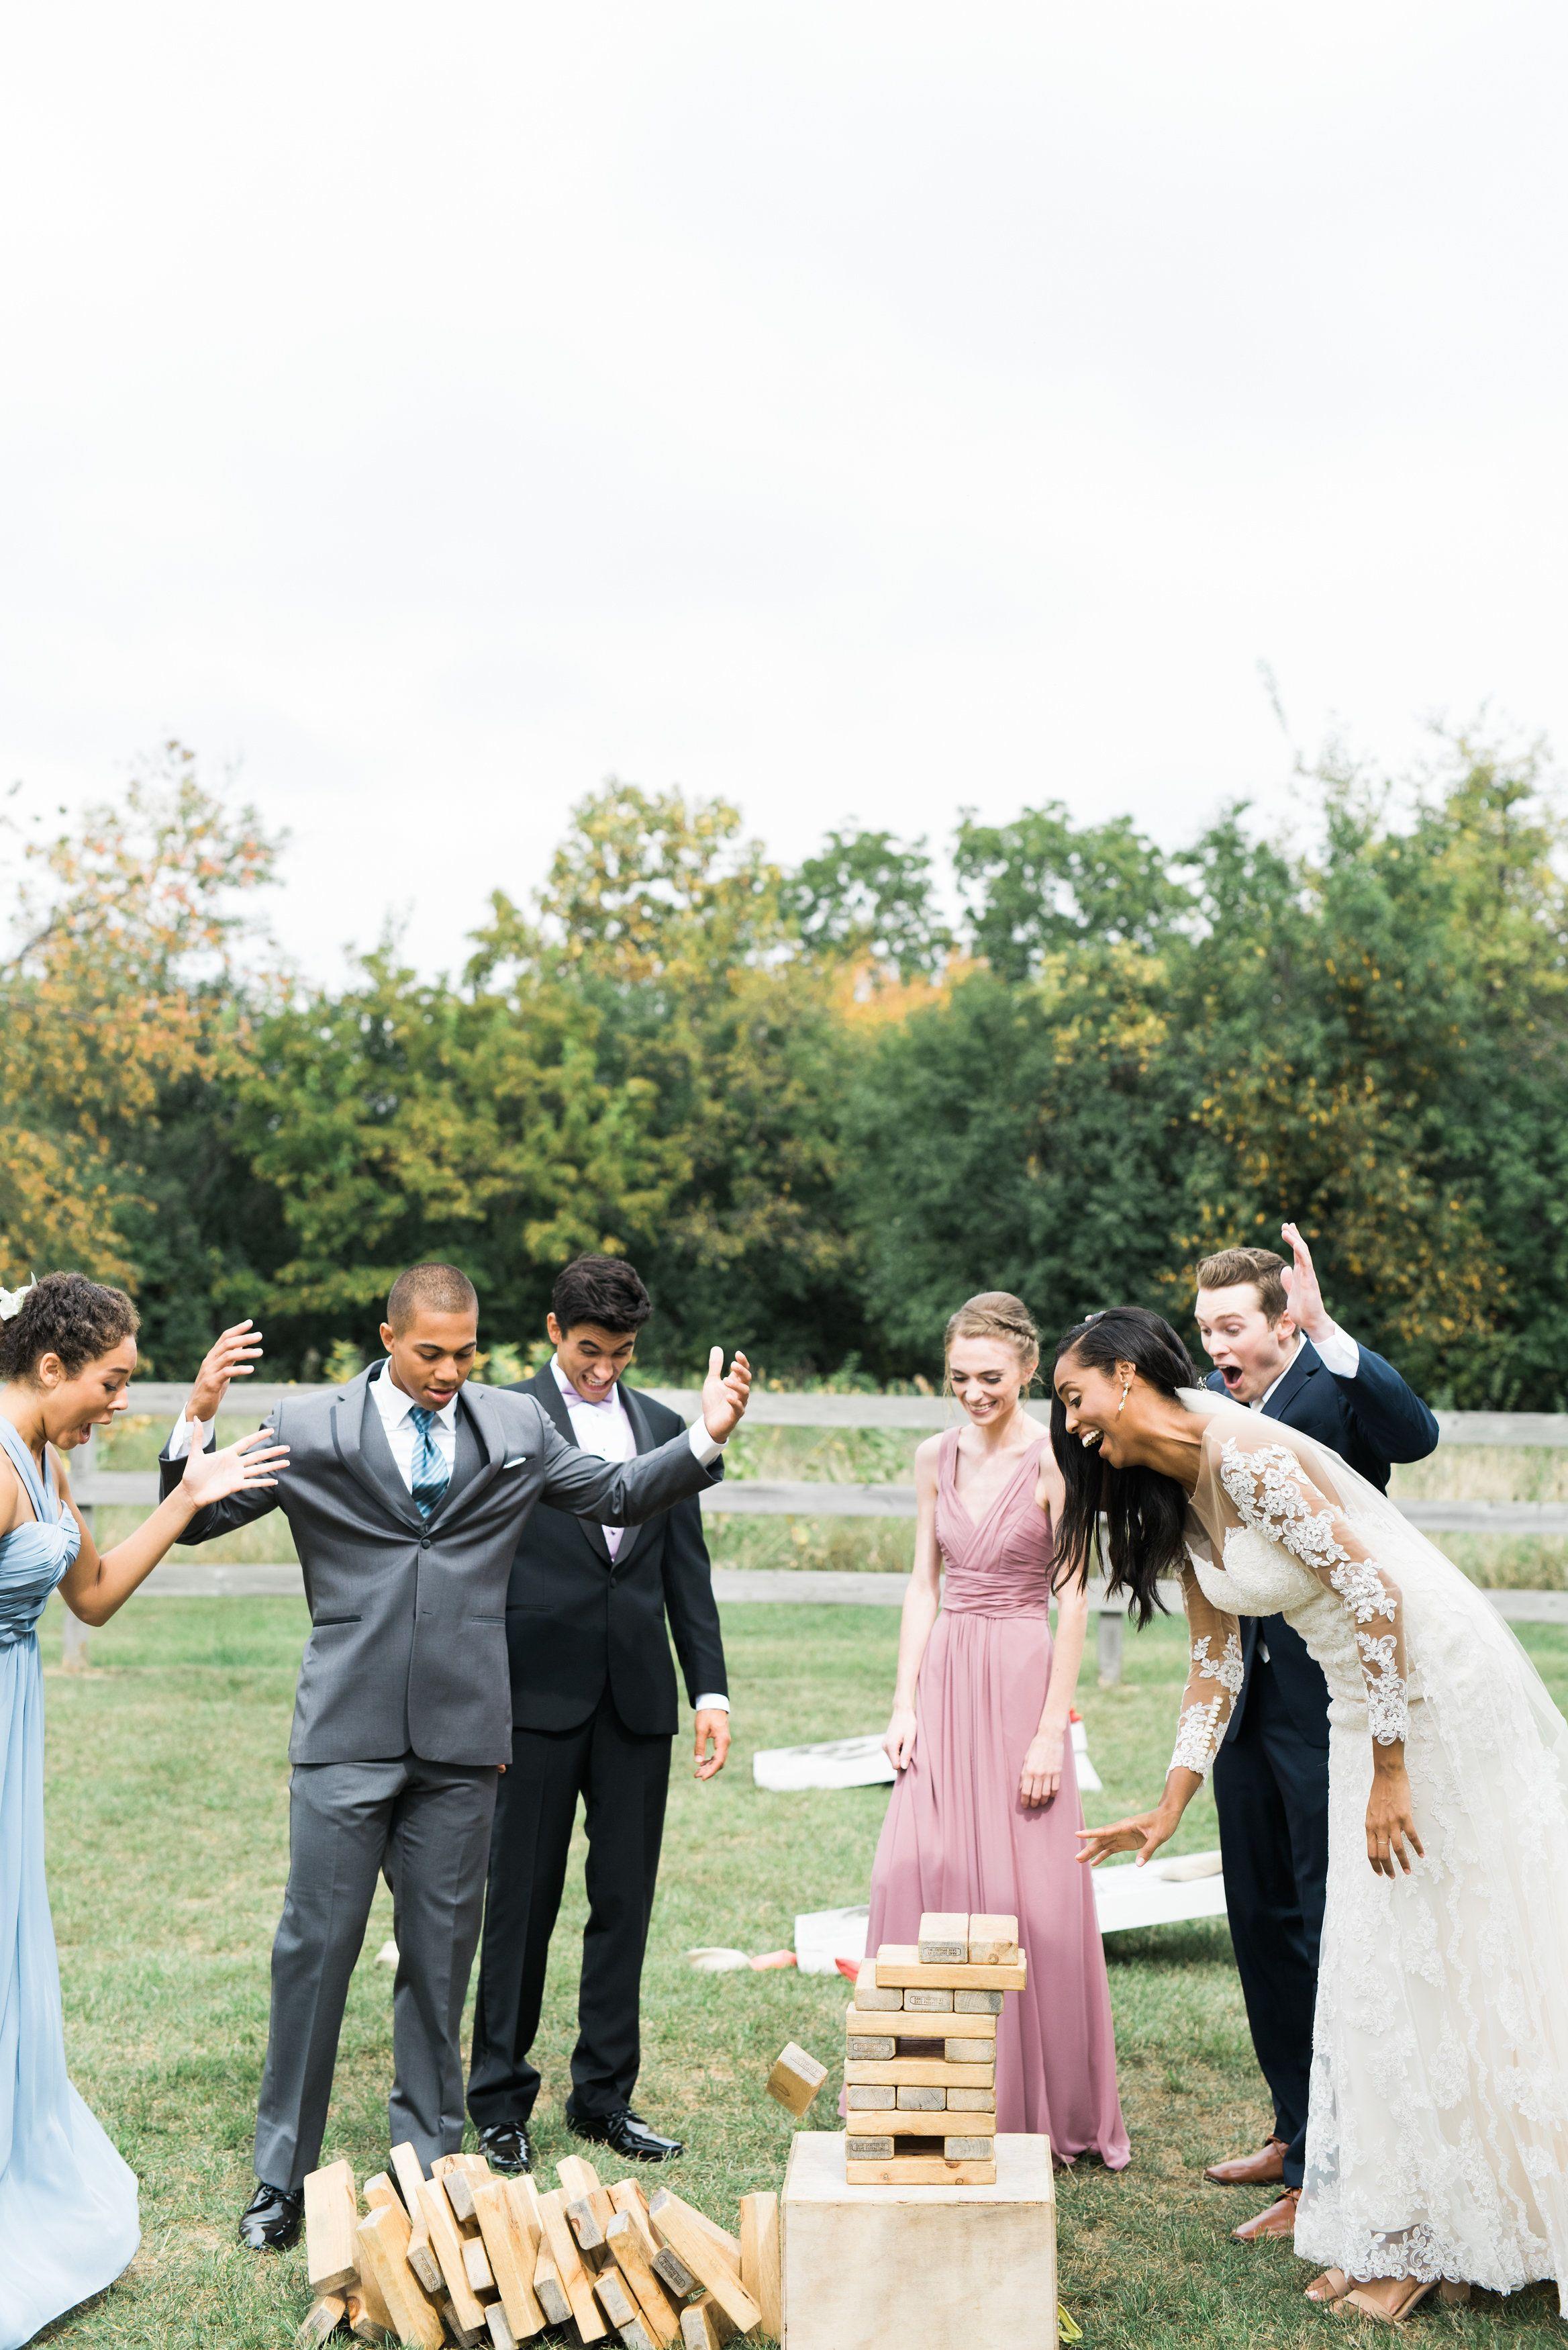 Wedding games giant jenga Wisconsin wedding barn (With